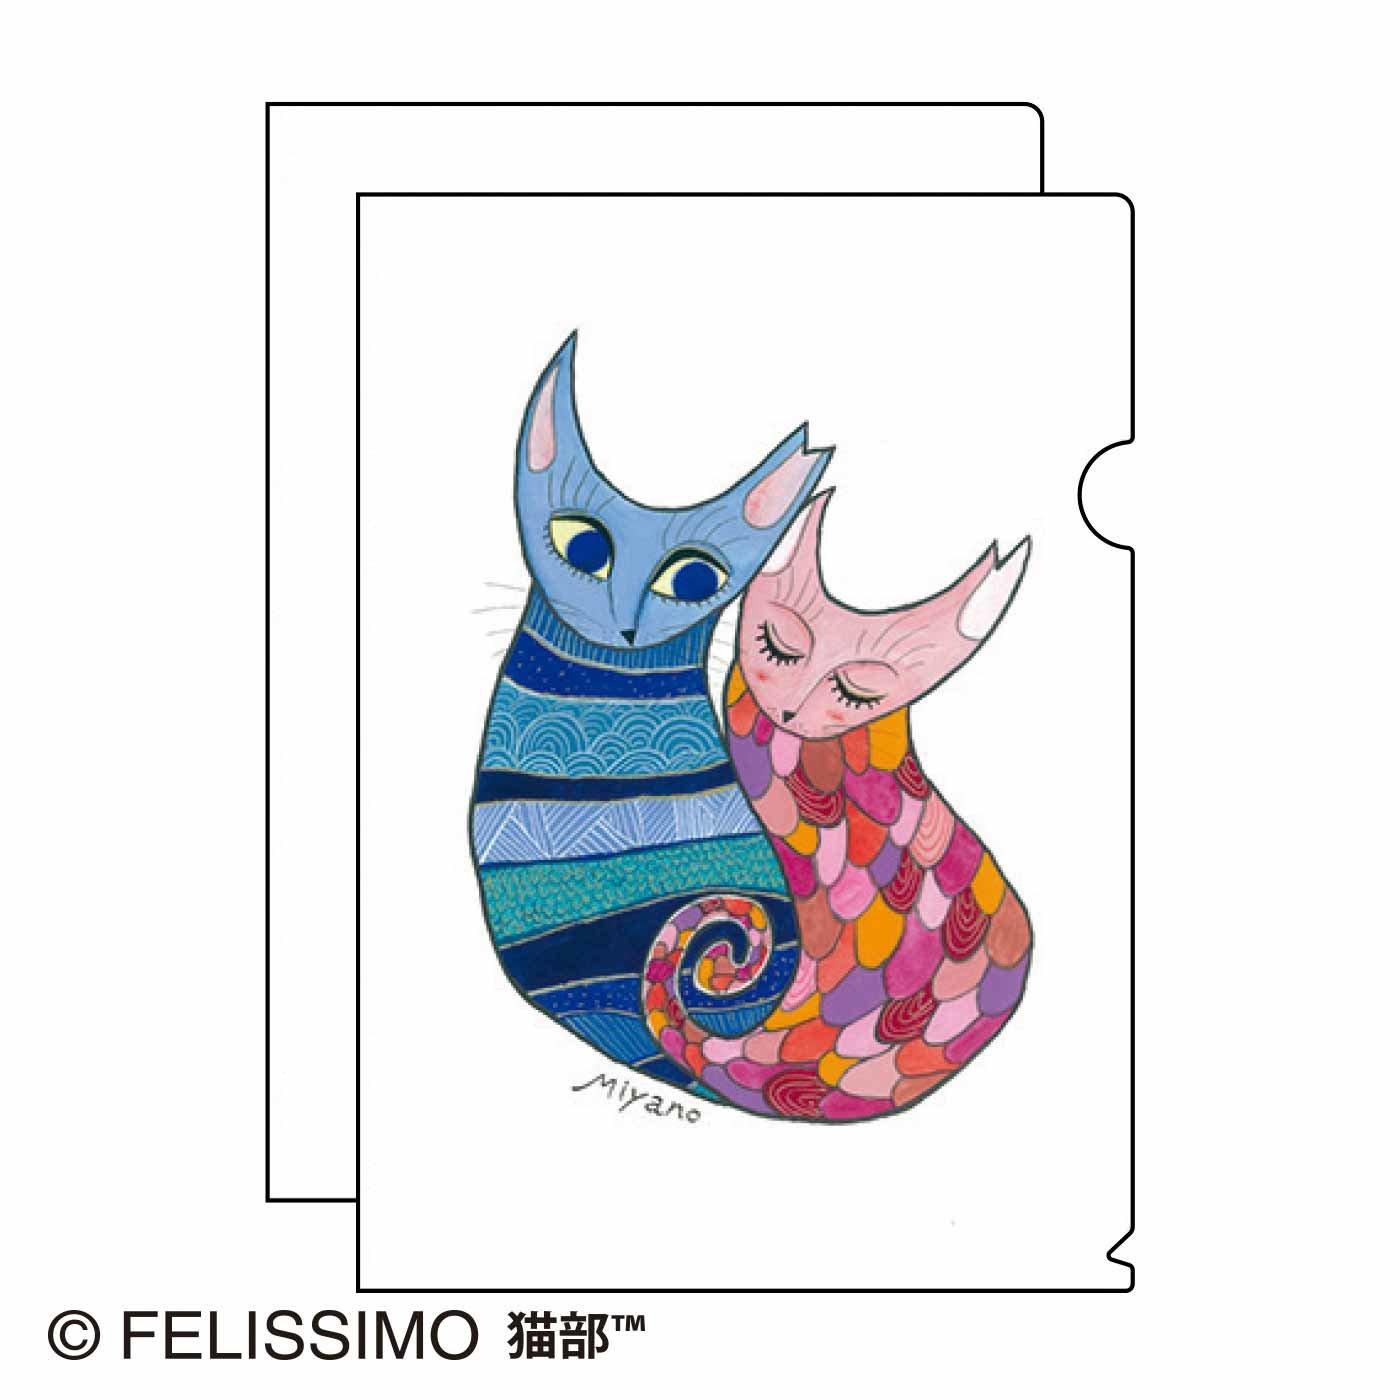 加悦雅乃×猫部 地域猫チャリティークリアファイル2021